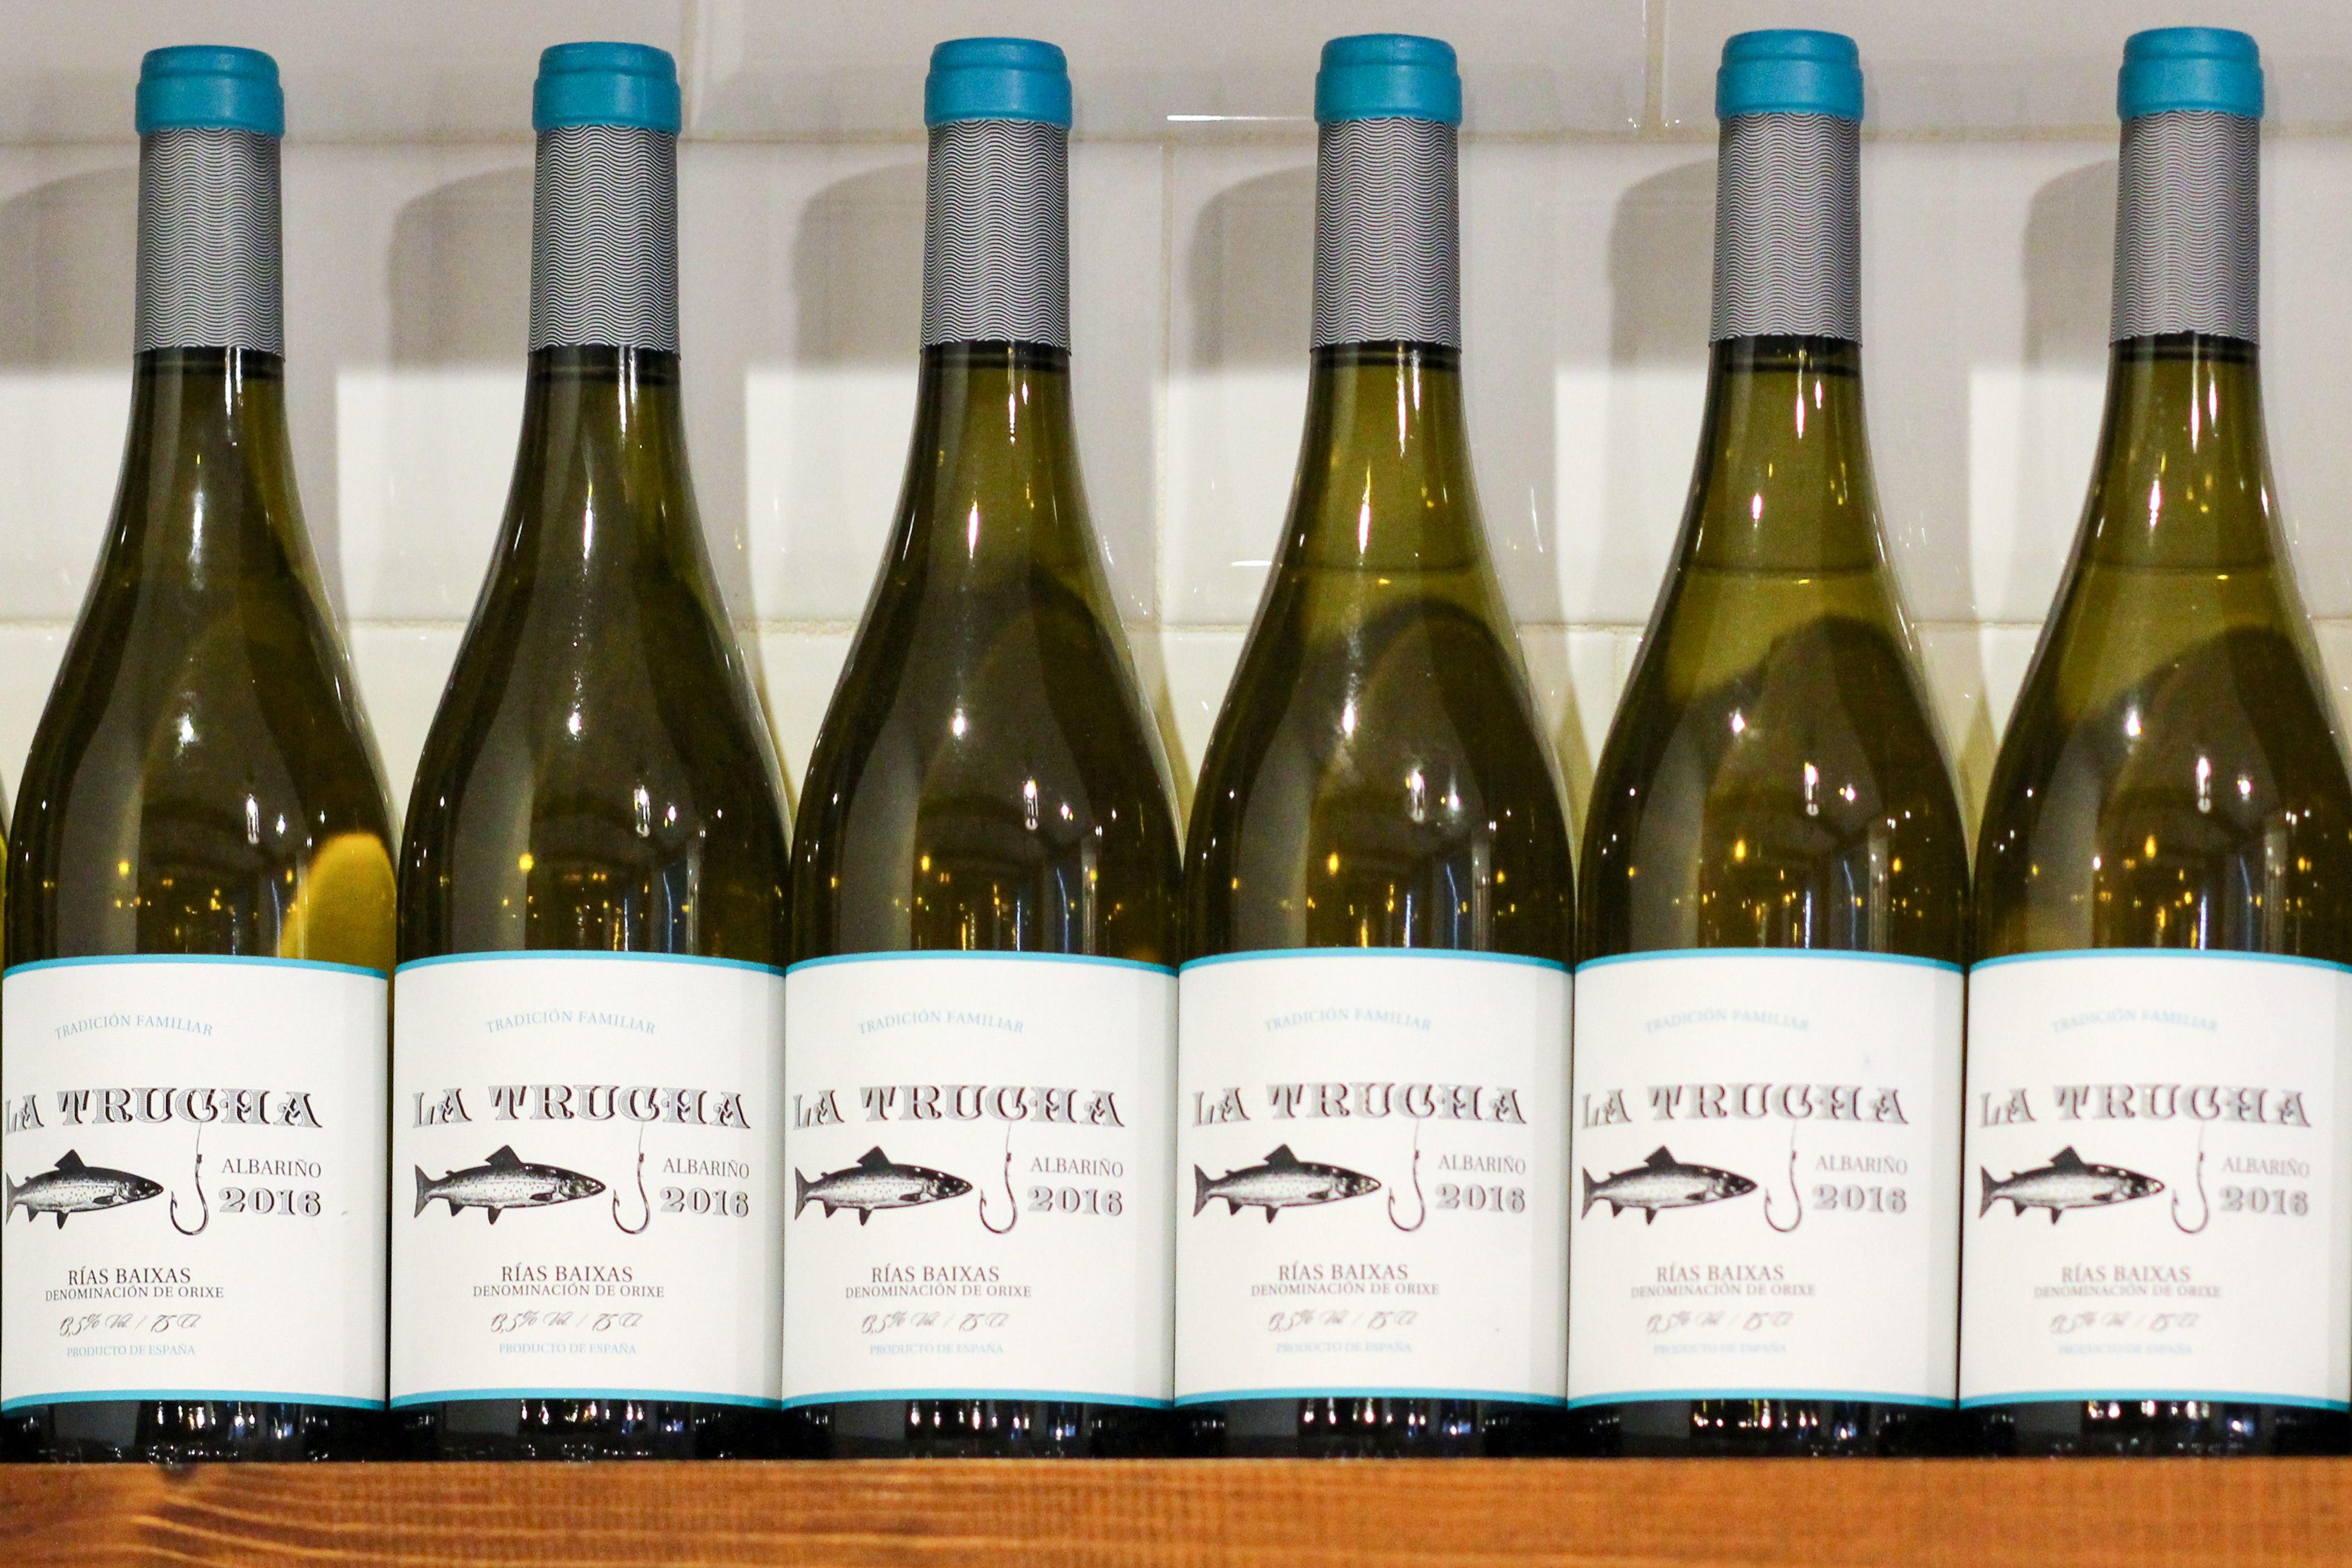 SI lo que quieres es acompañar las tapas con un vino de calidad, ven a Taberna La Trucha